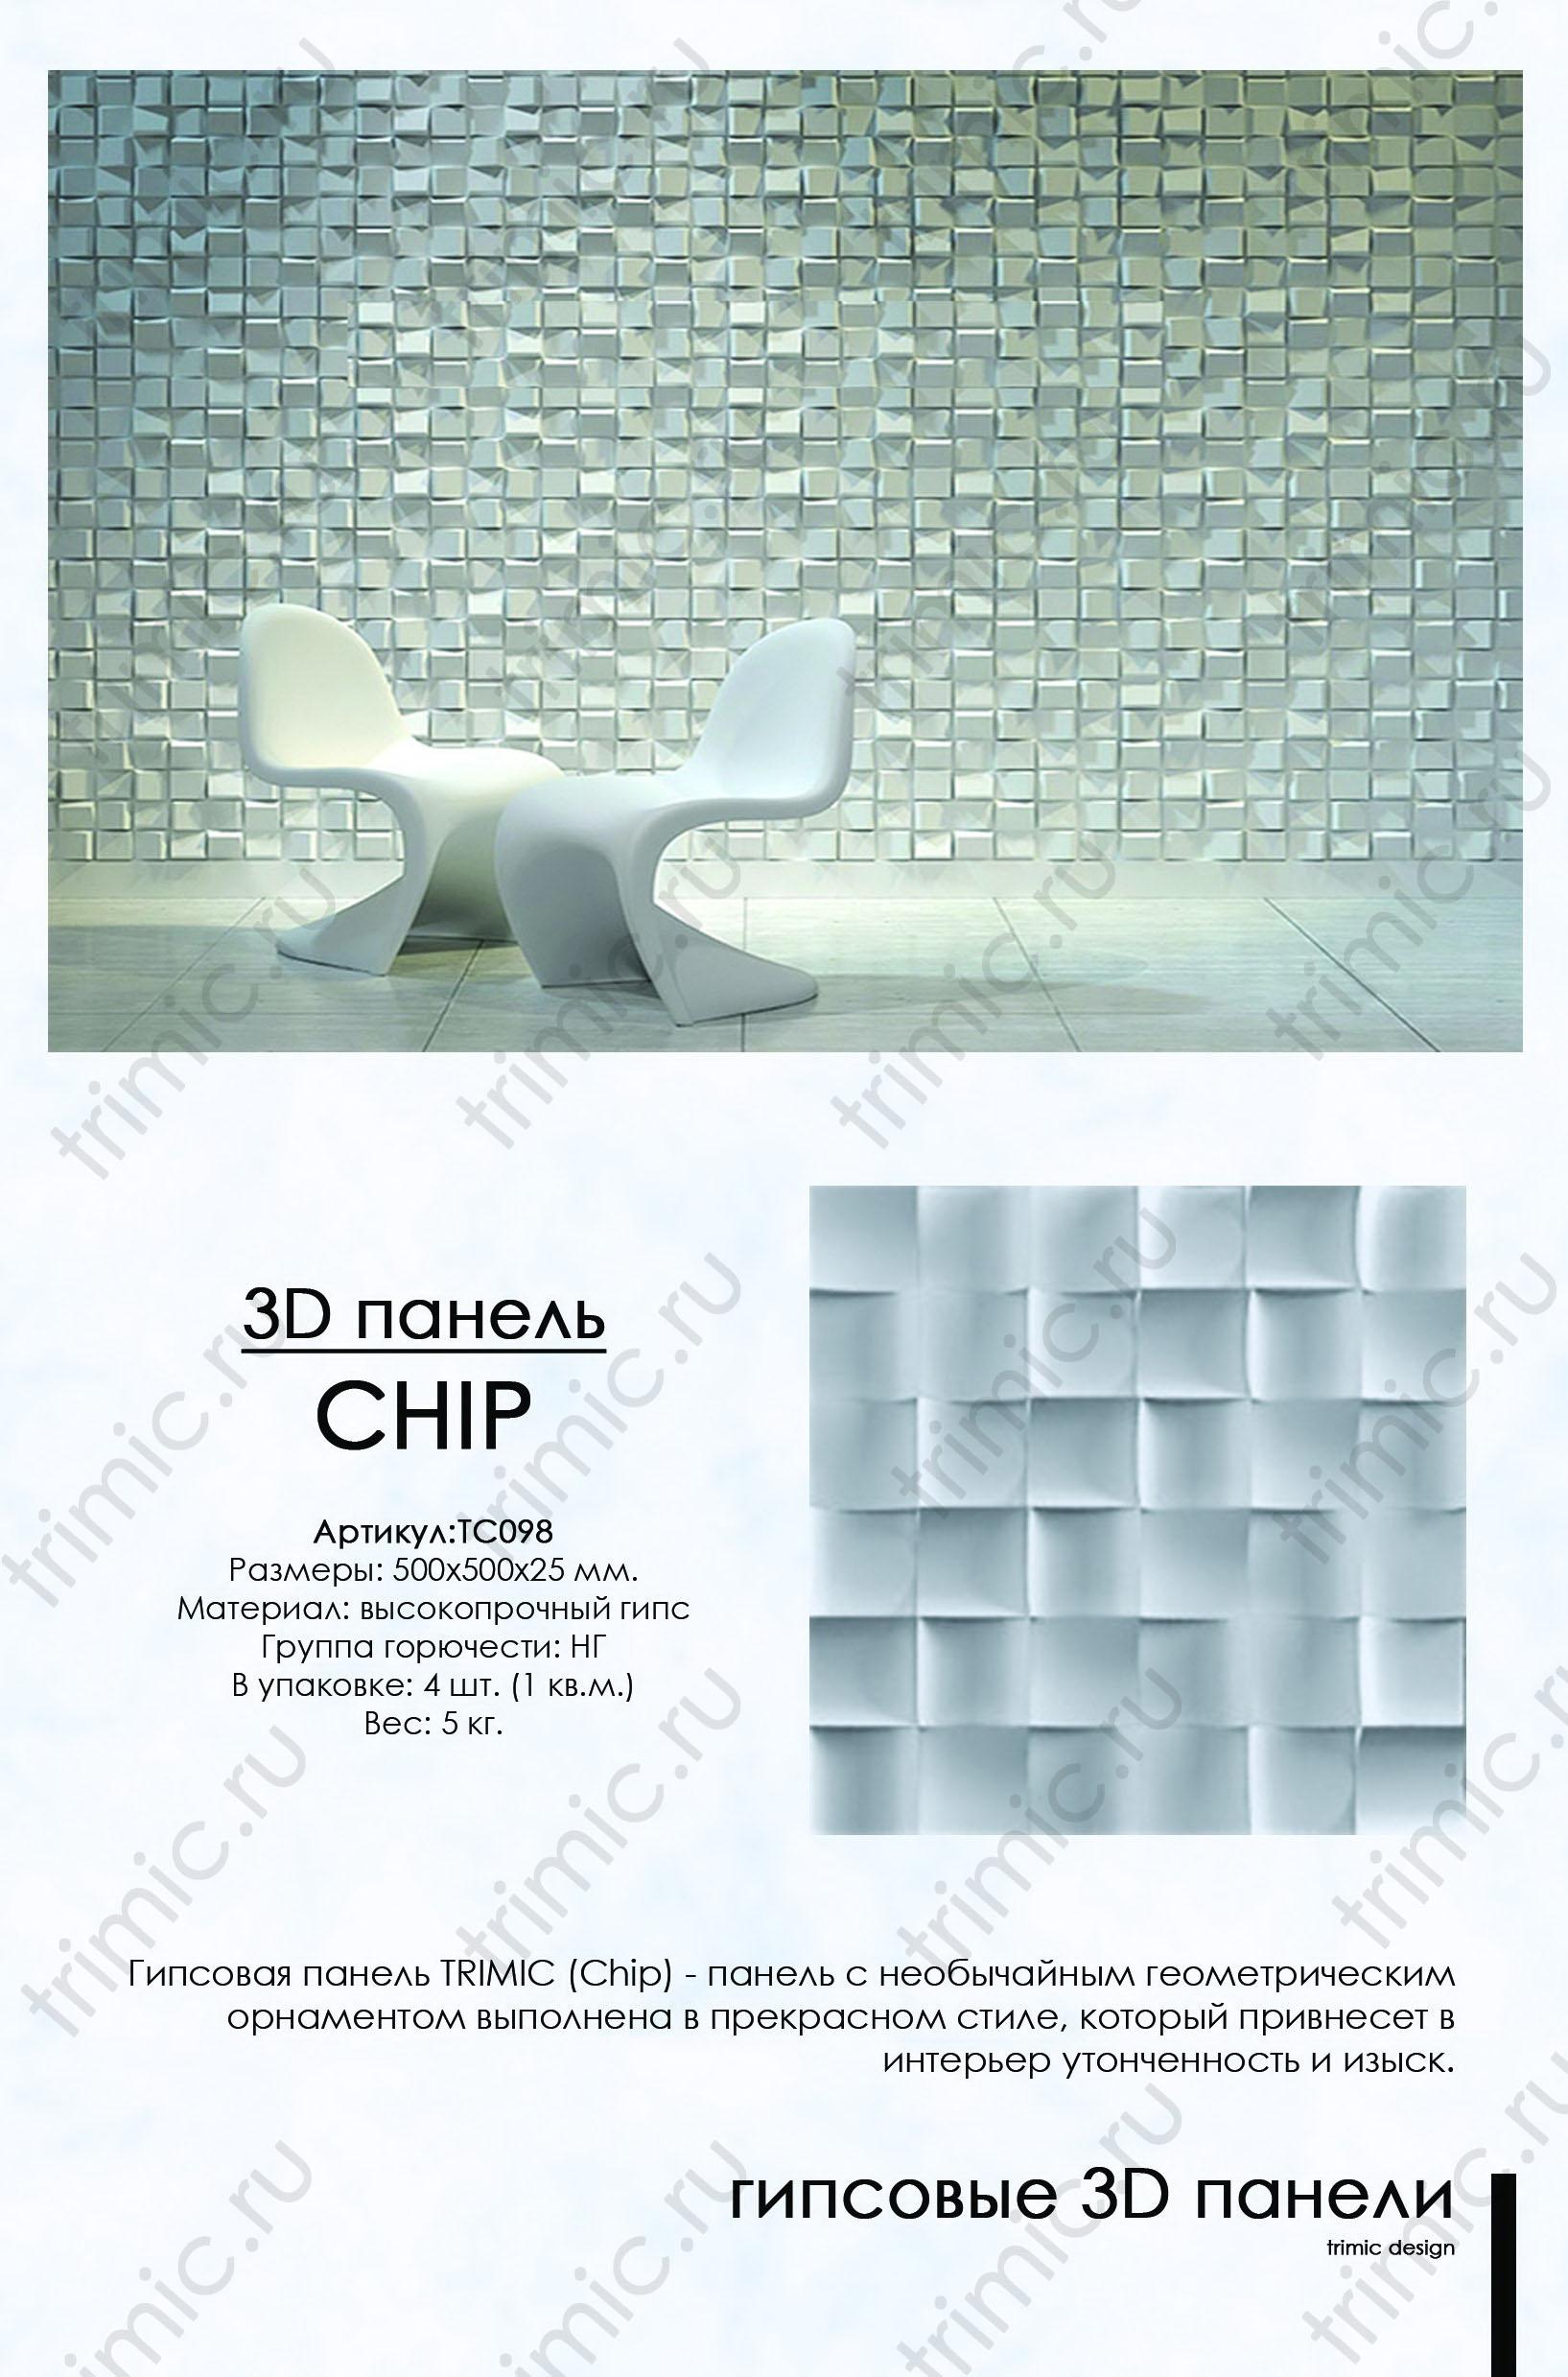 """Представляем Вашему вниманию уникальный товар 3D панель """"Chip"""". Только в нашем магазине Вы найдете то, что Вам нужно по самым выгодным ценам."""